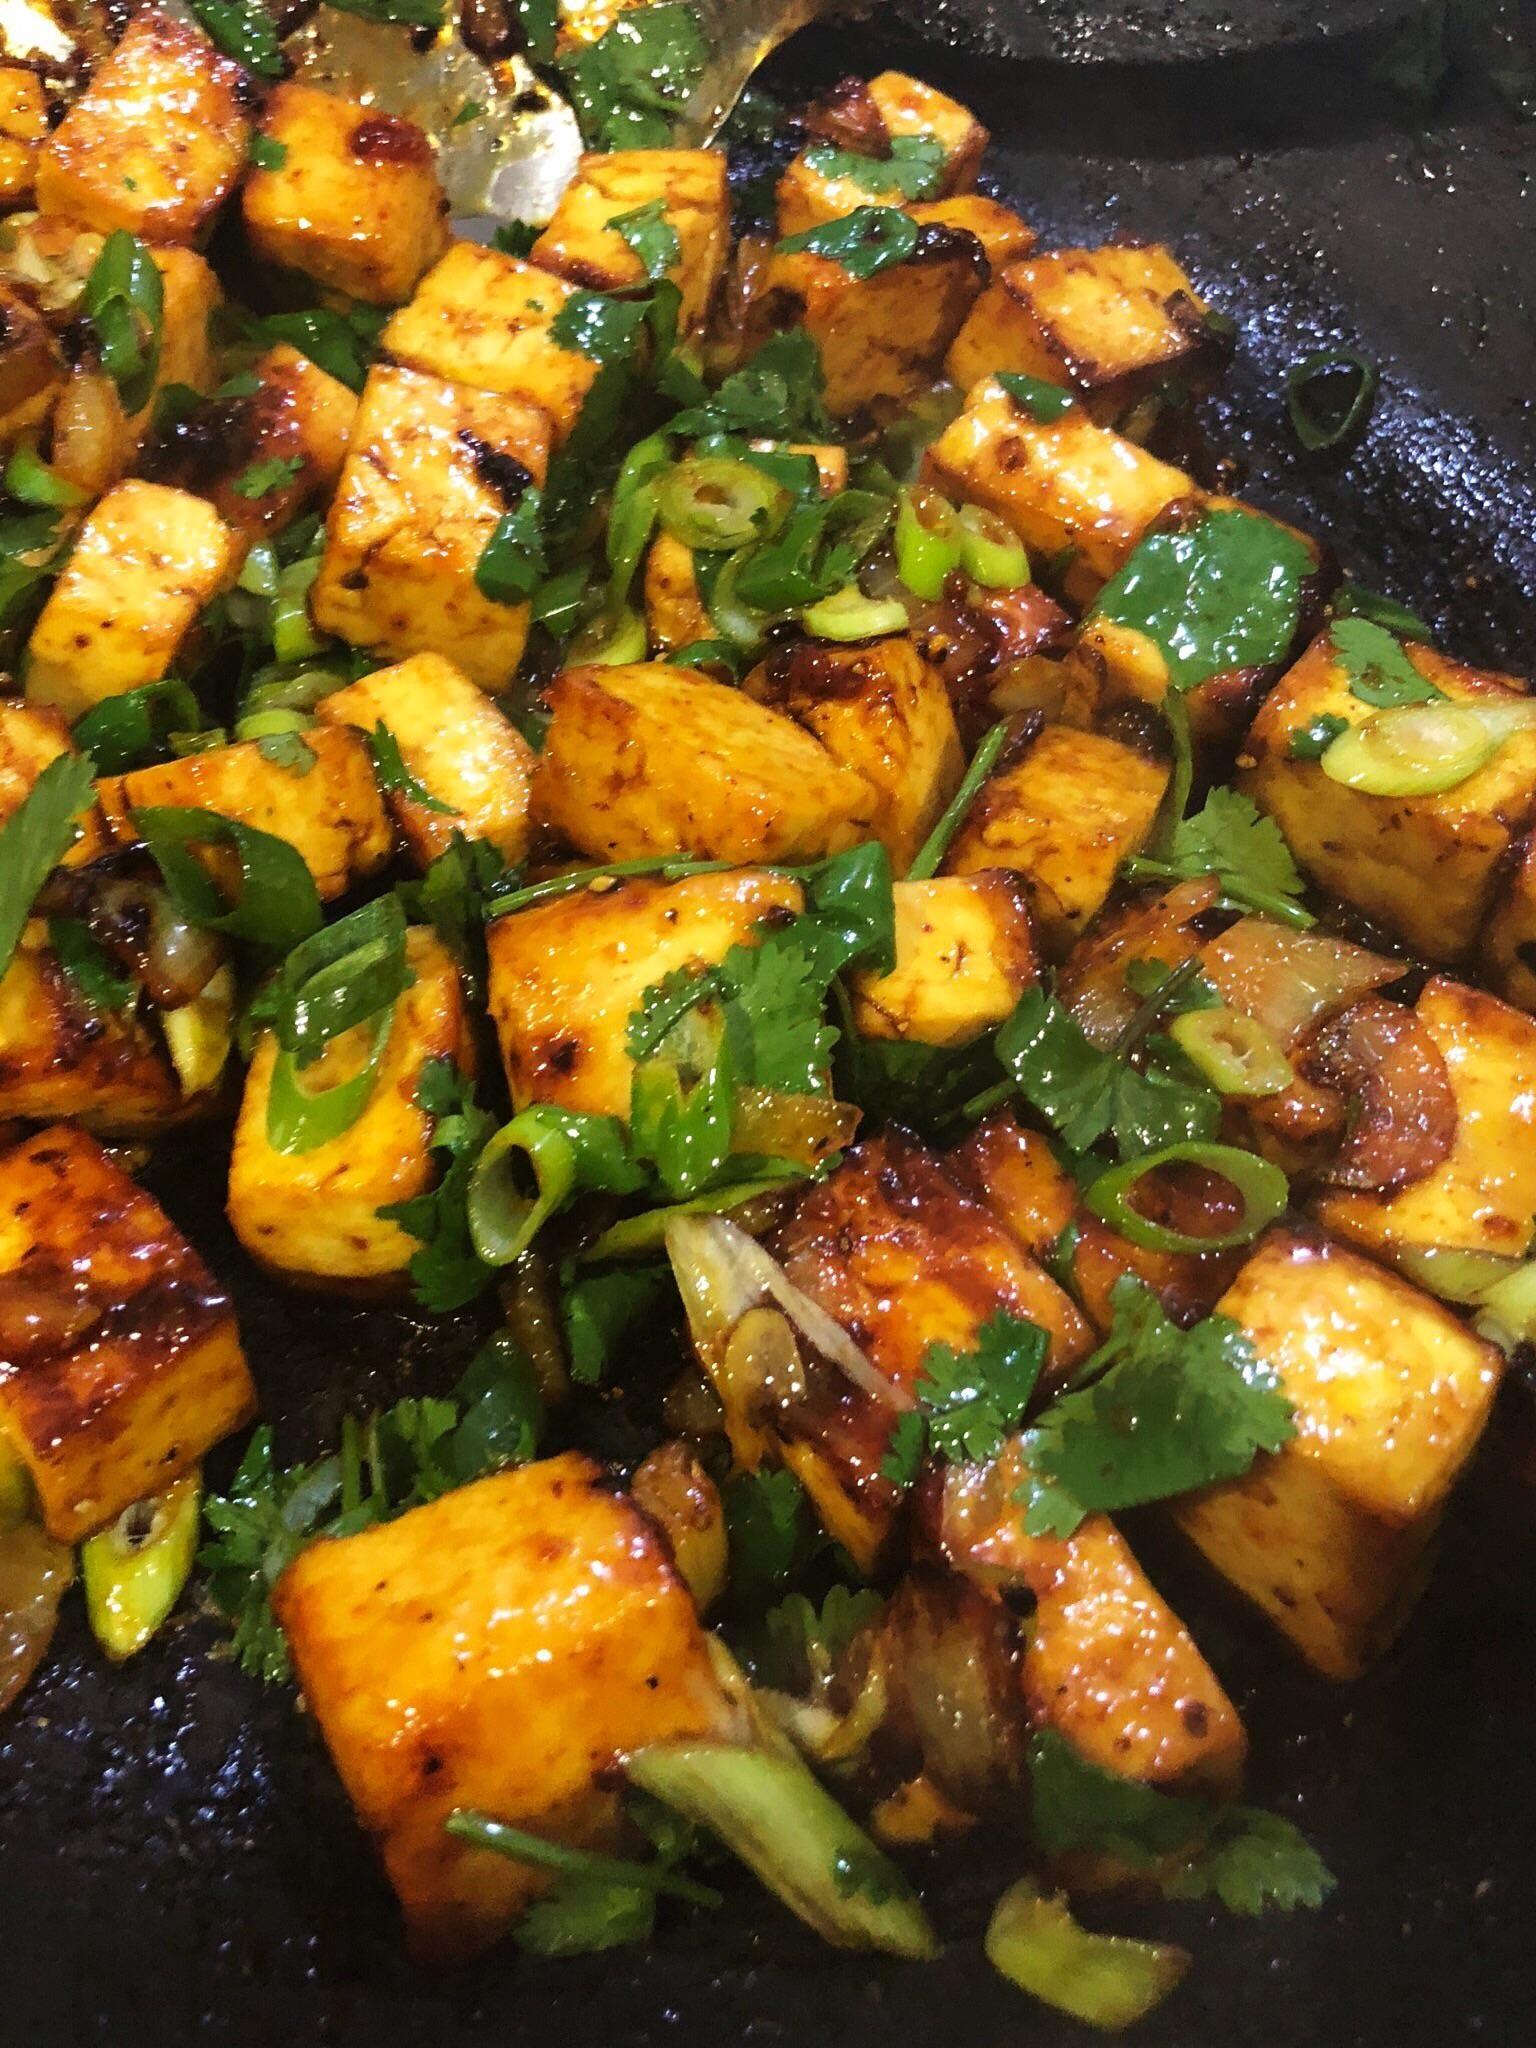 soy free tofu reddit